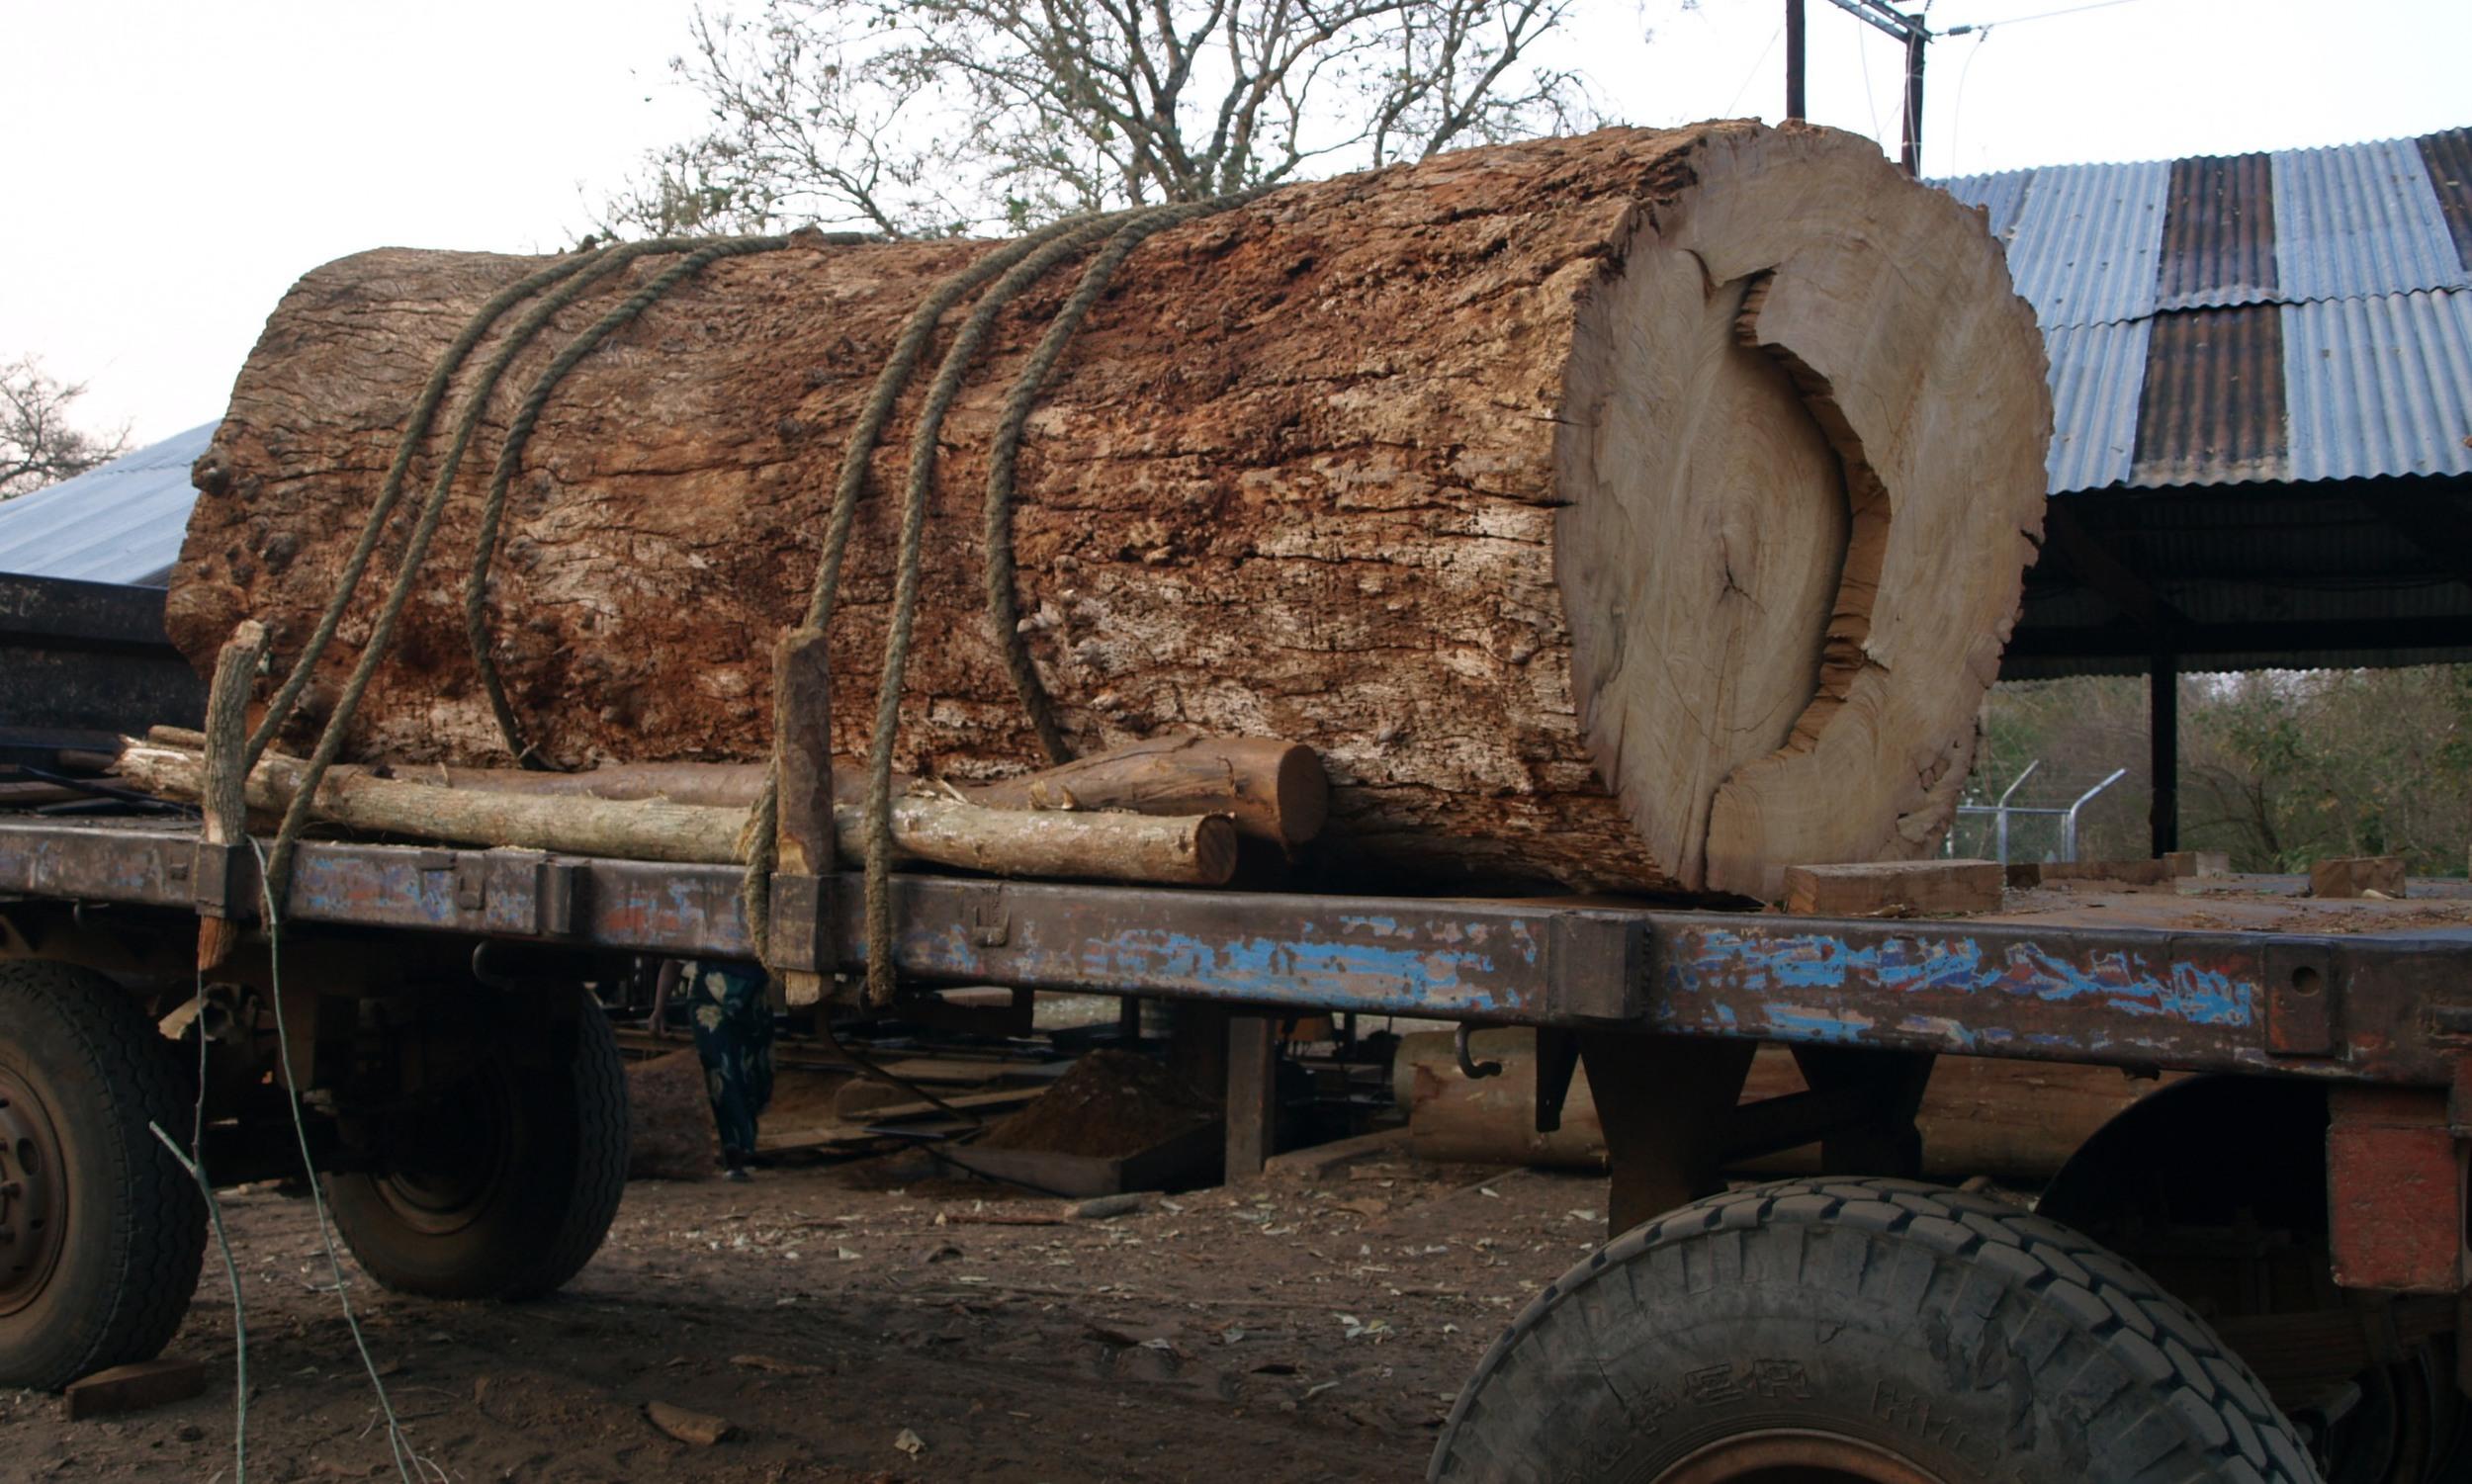 Troncos mortos a serem transportados para o     Serração - Dead logs transported to the mill